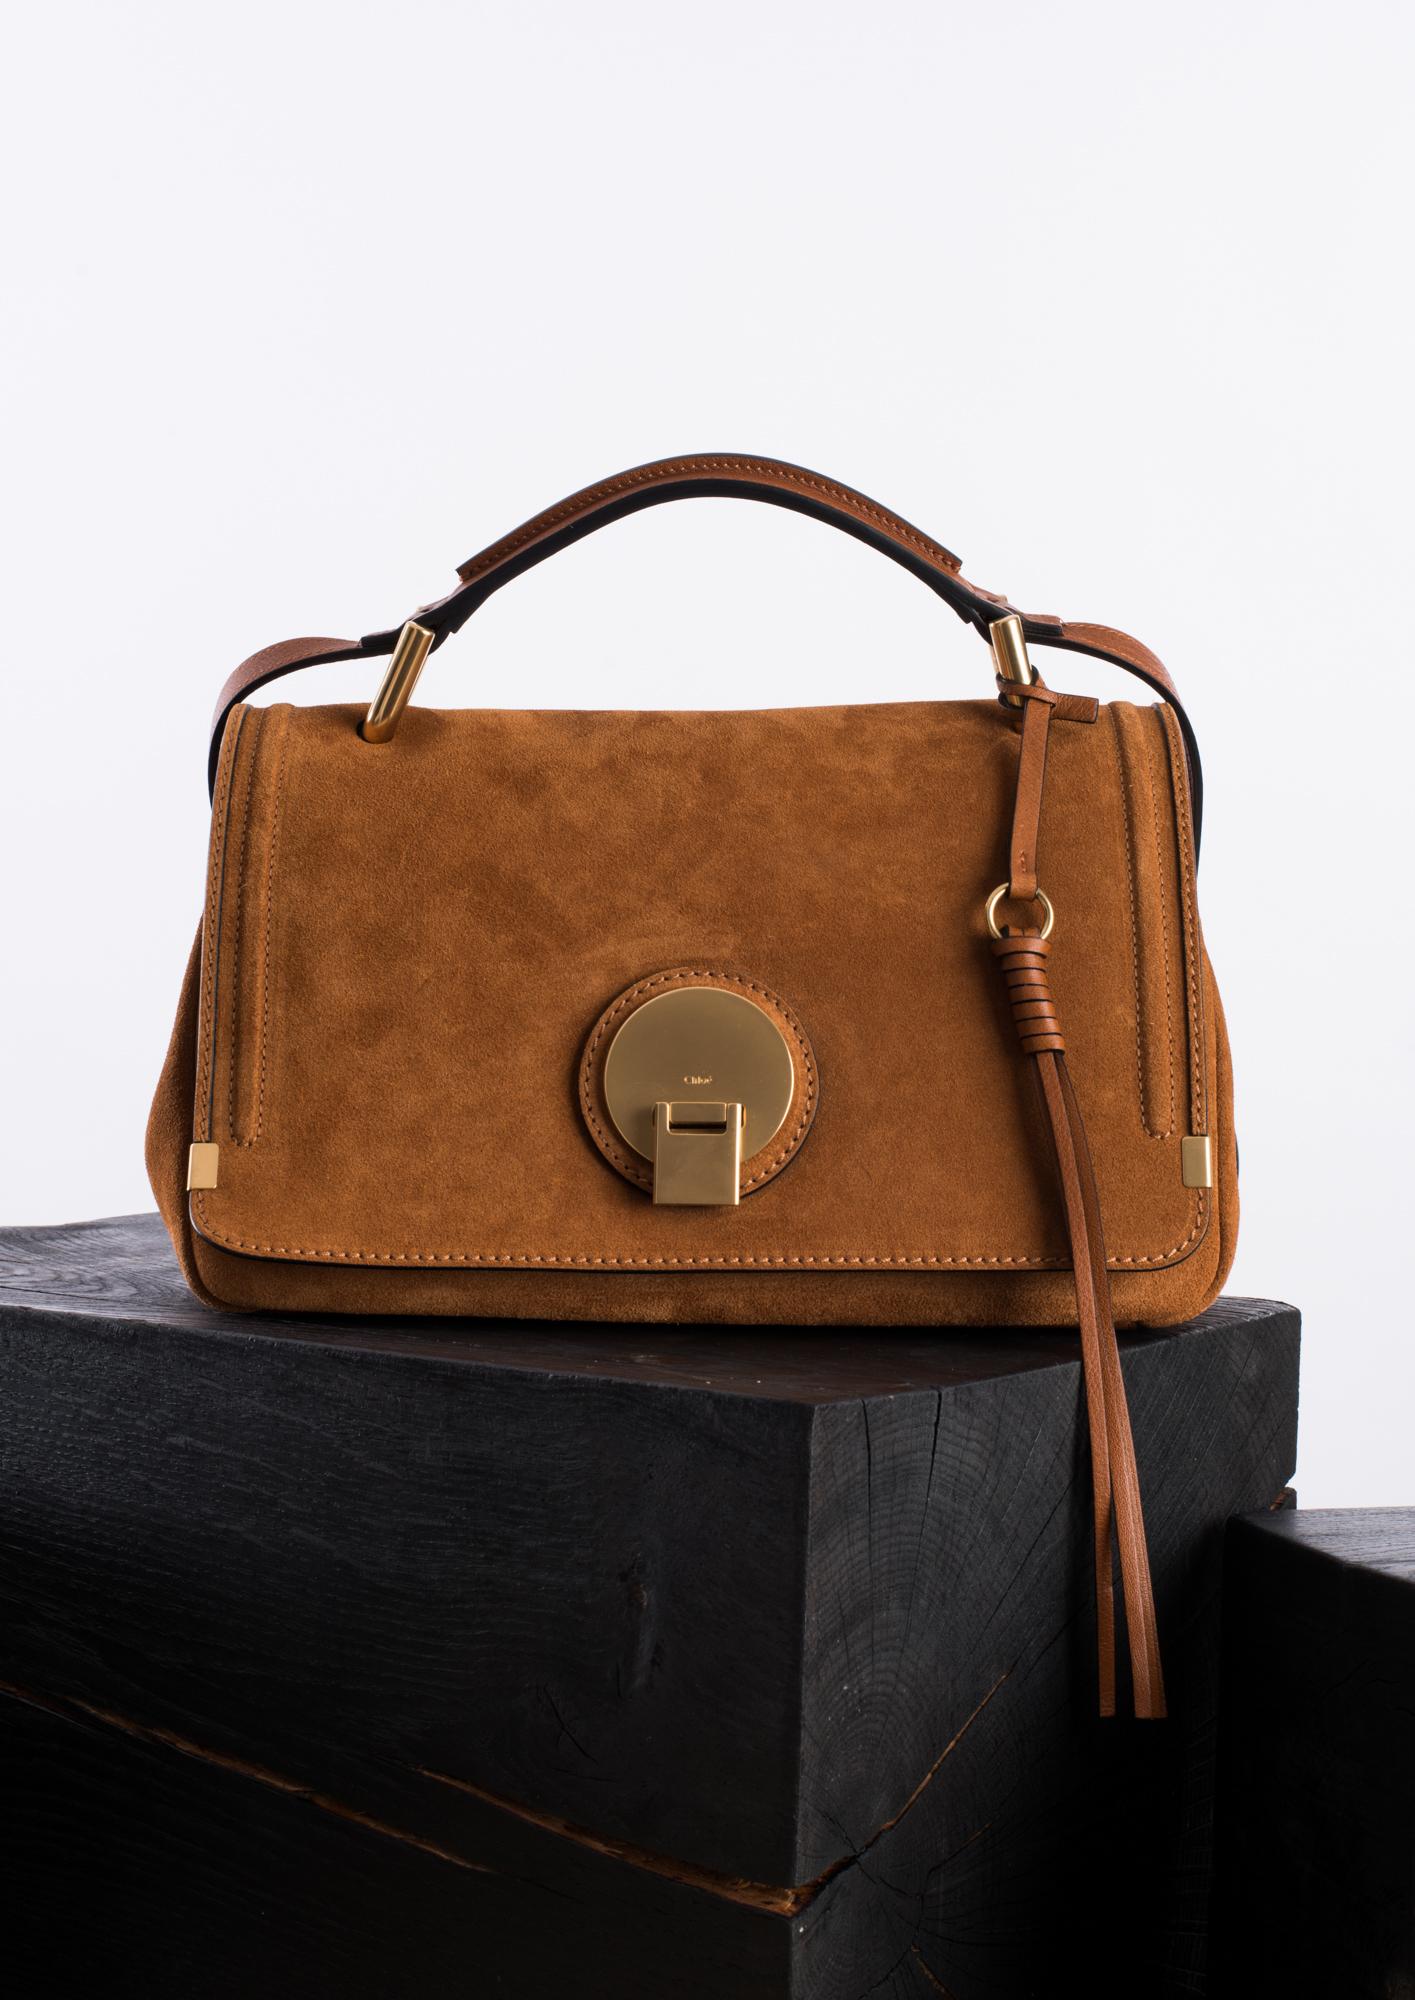 Chloé Indy Medium Shoulder Bag in Brown